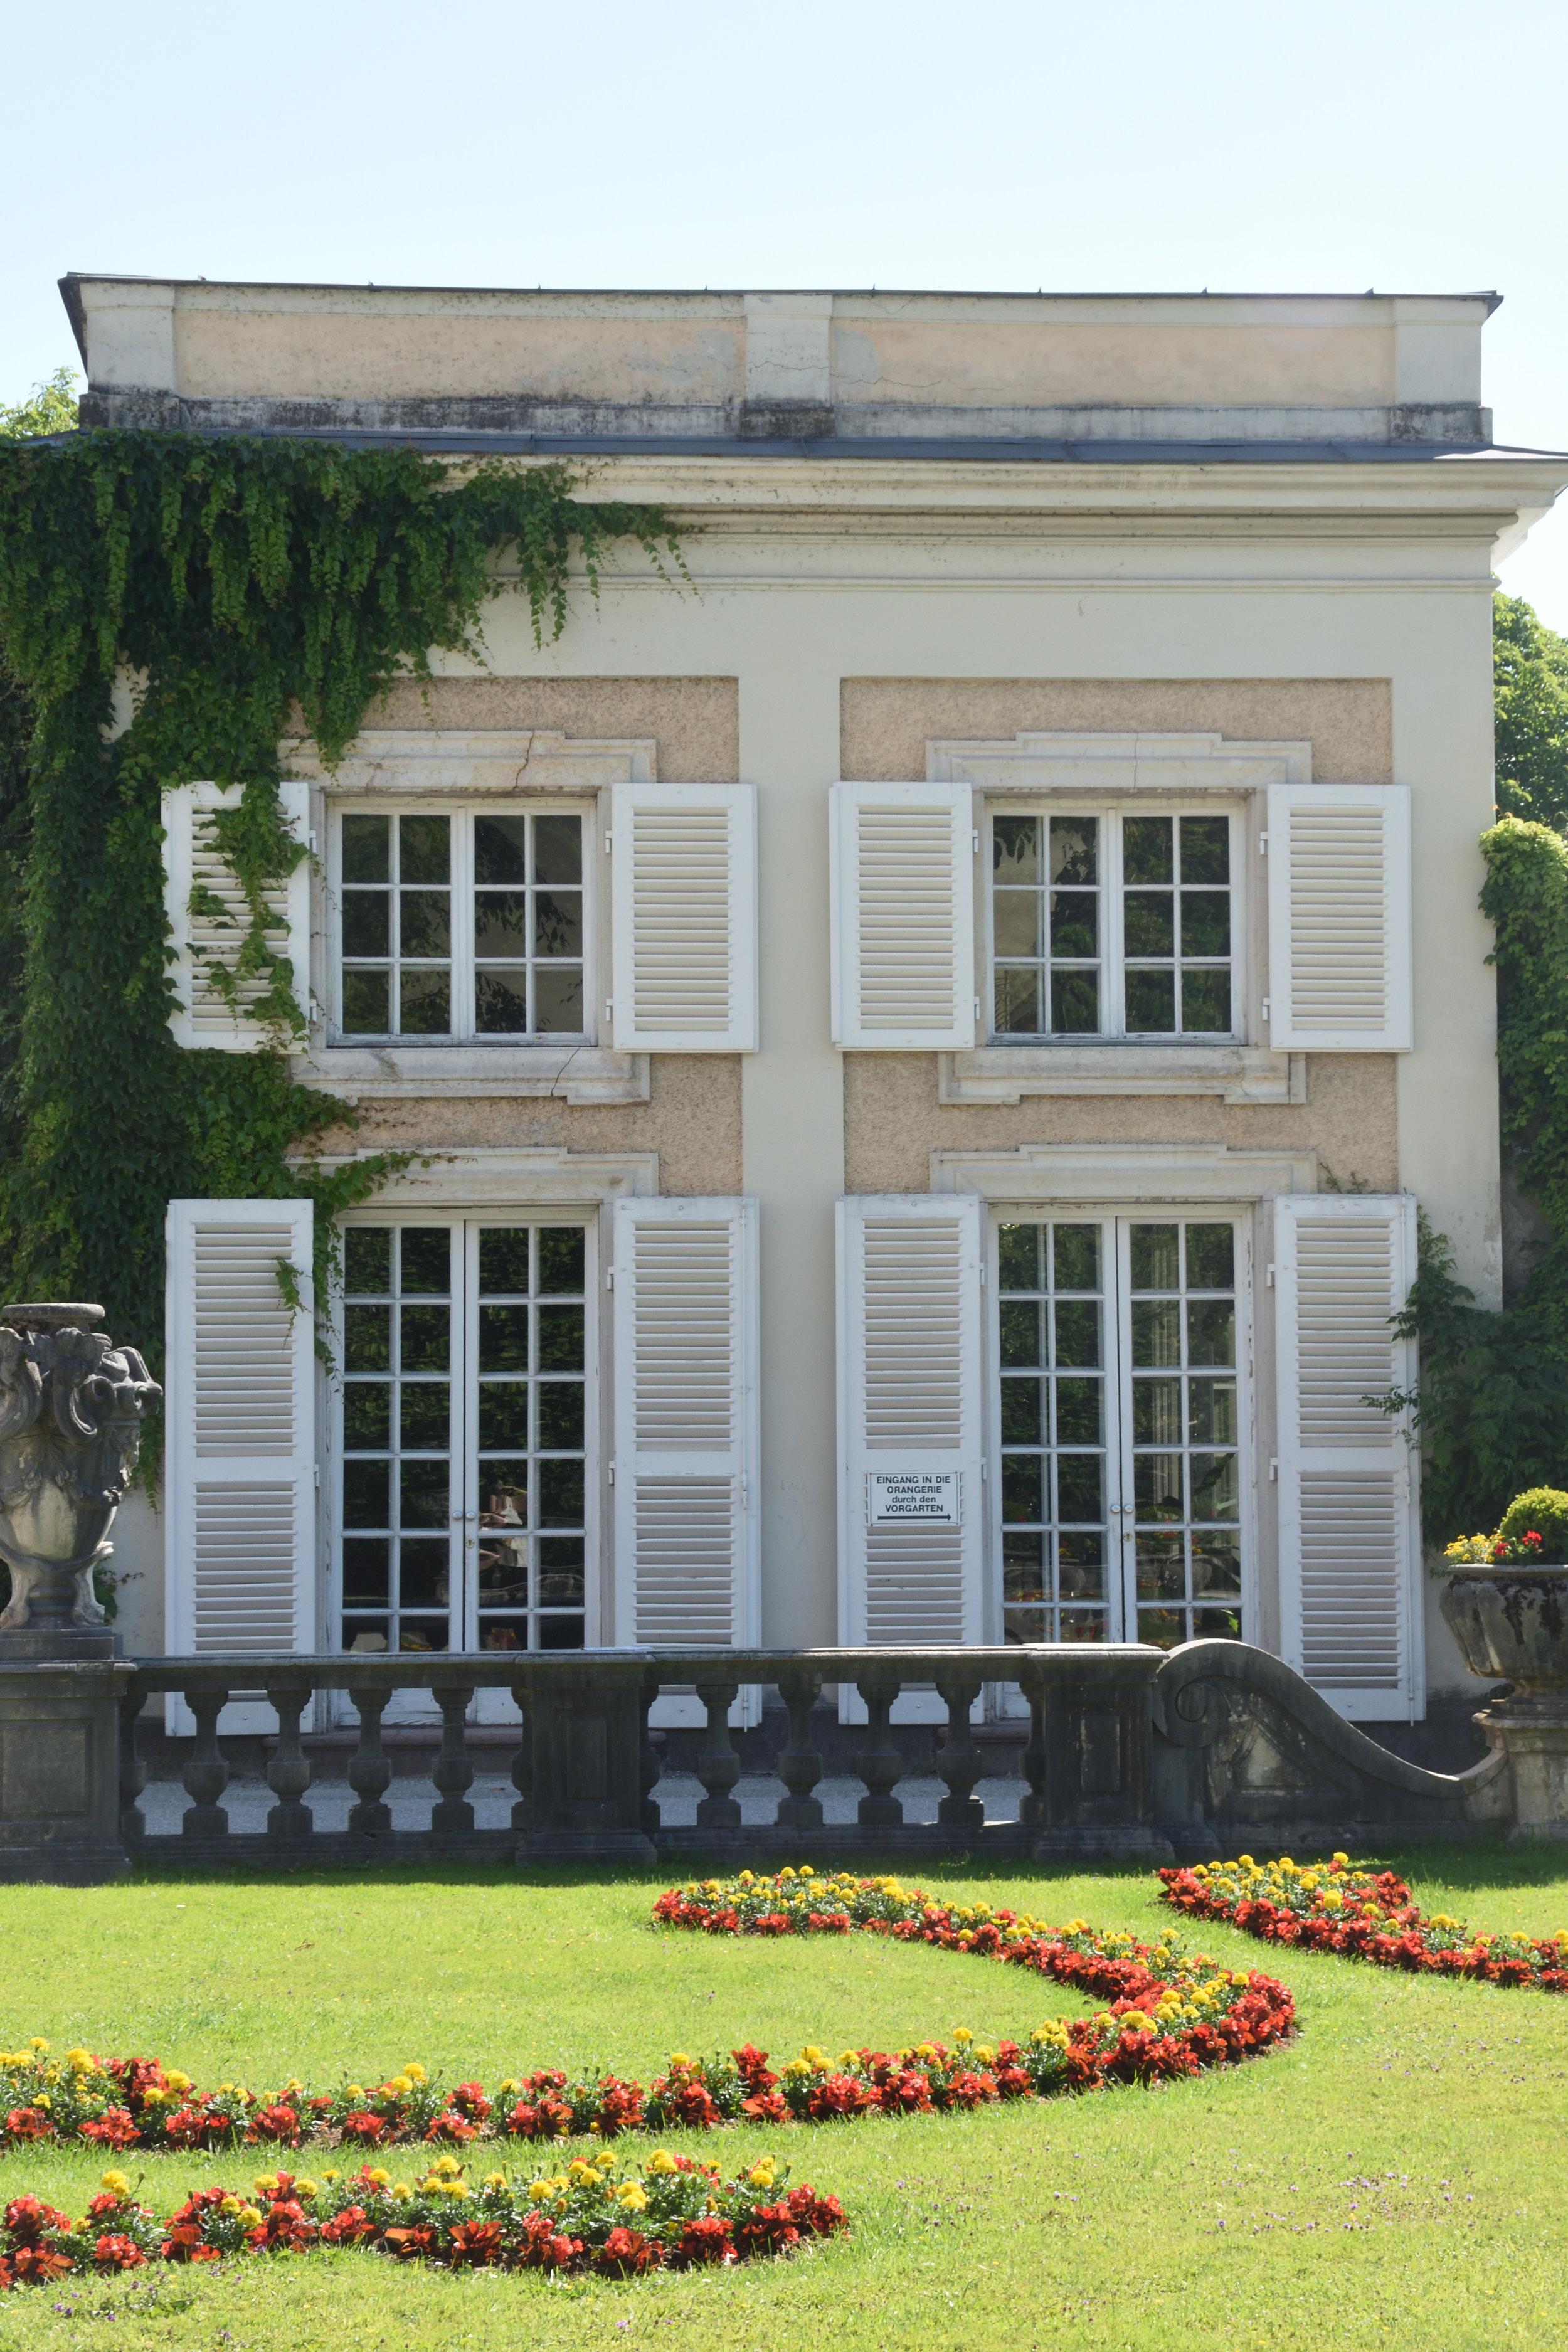 The Conservatory, Schloss Mirabell, Salzburg, June 2017